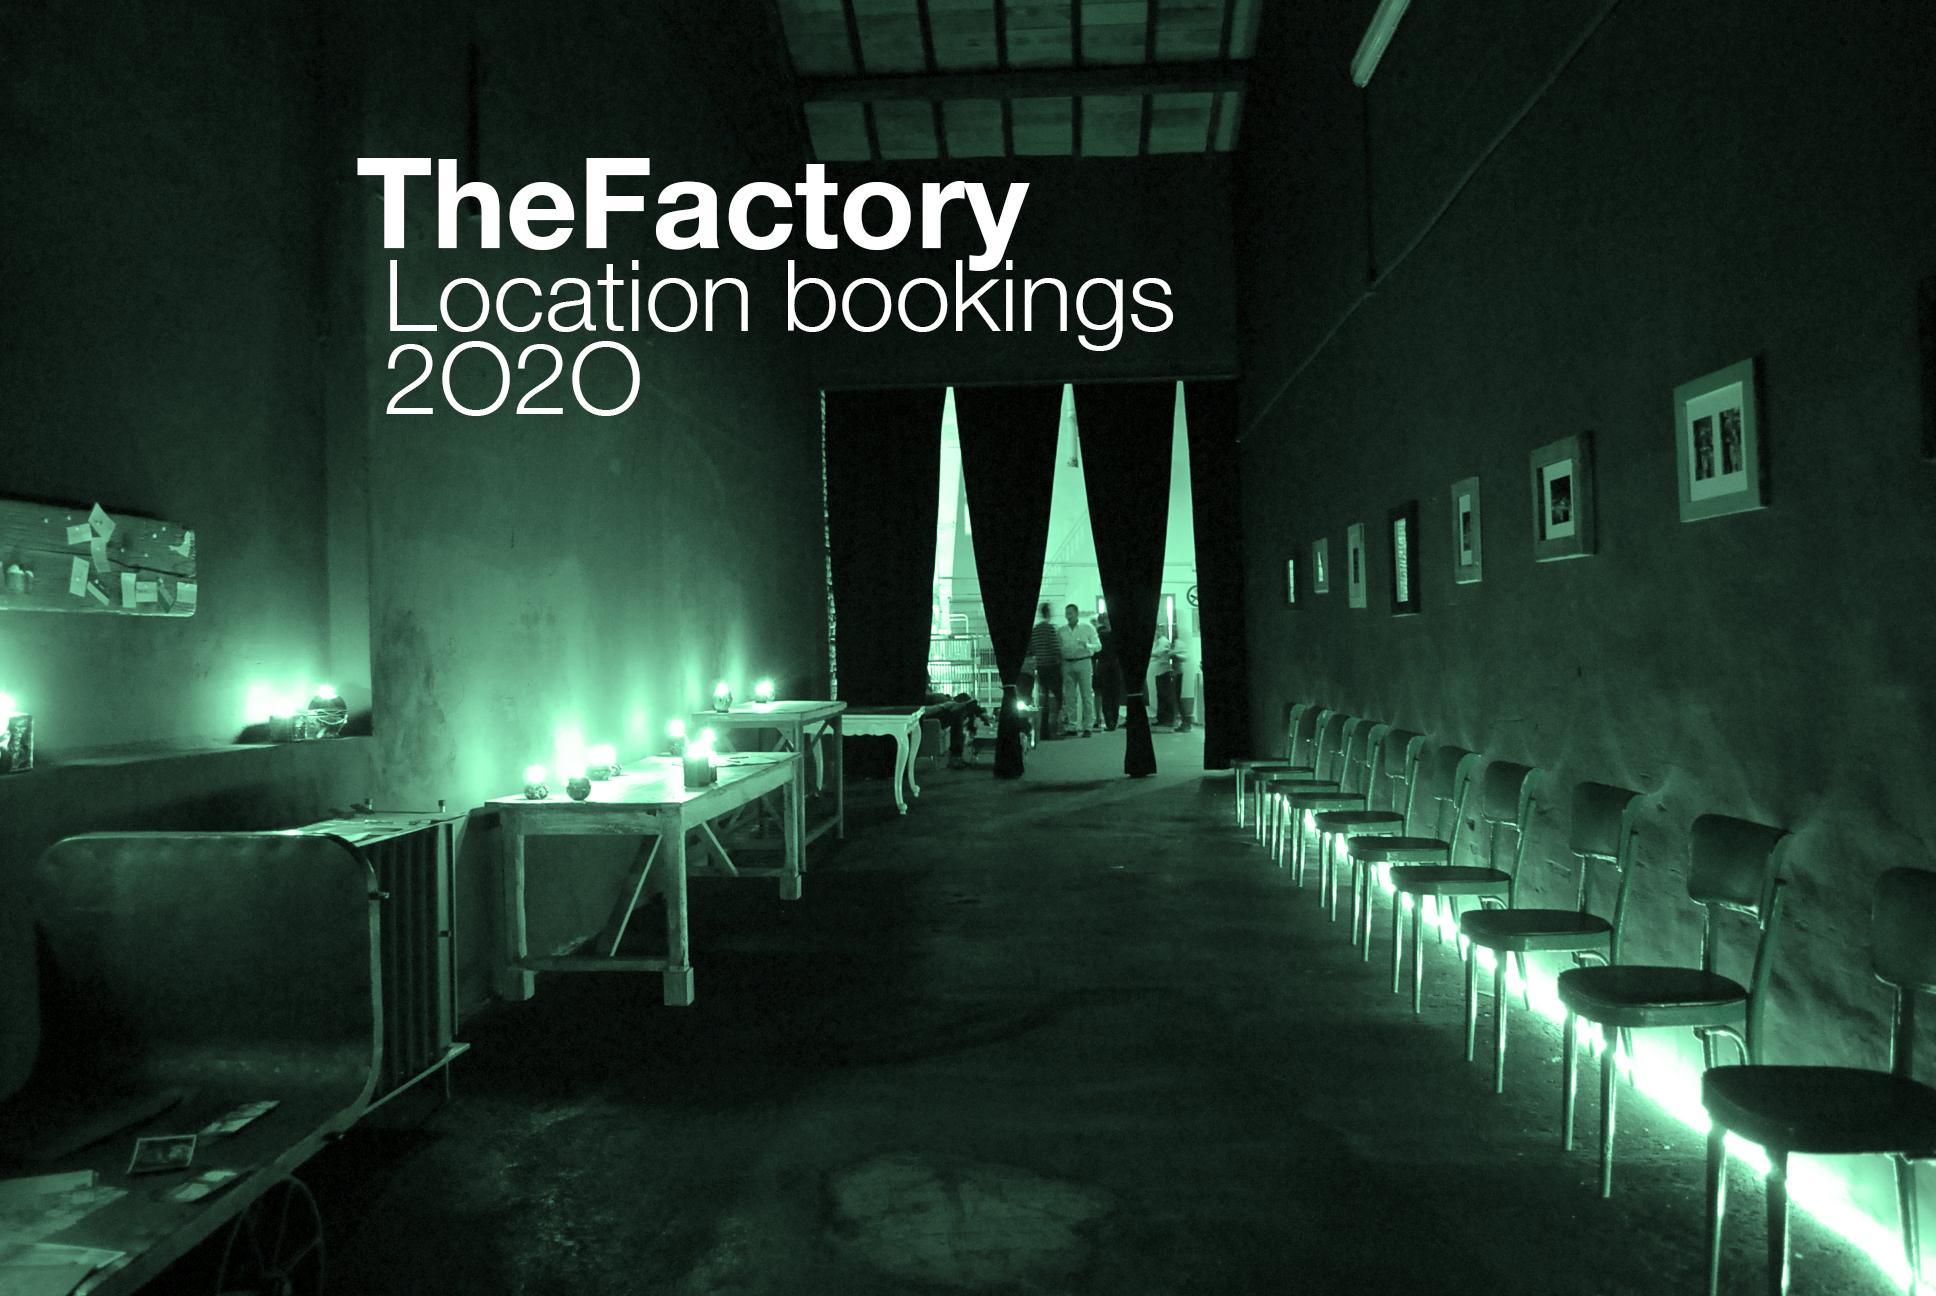 location-flyer-copy